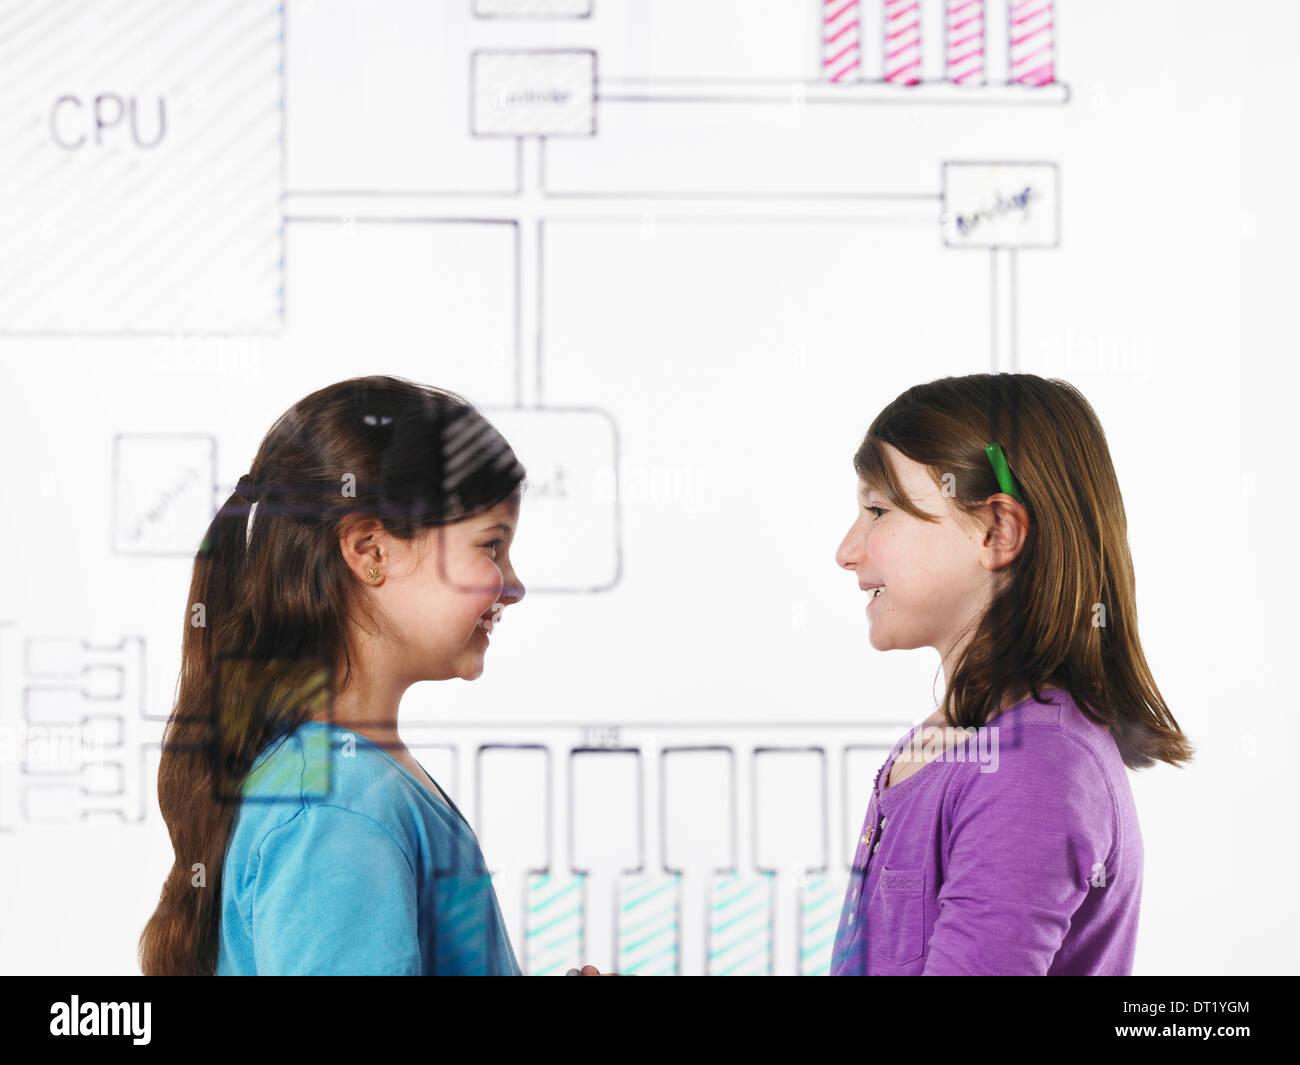 Zwei Kinder einander gegenüber, hinter einer Zeichnung einer Computer-Motherboard-Schaltung auf sehen durch Stockbild